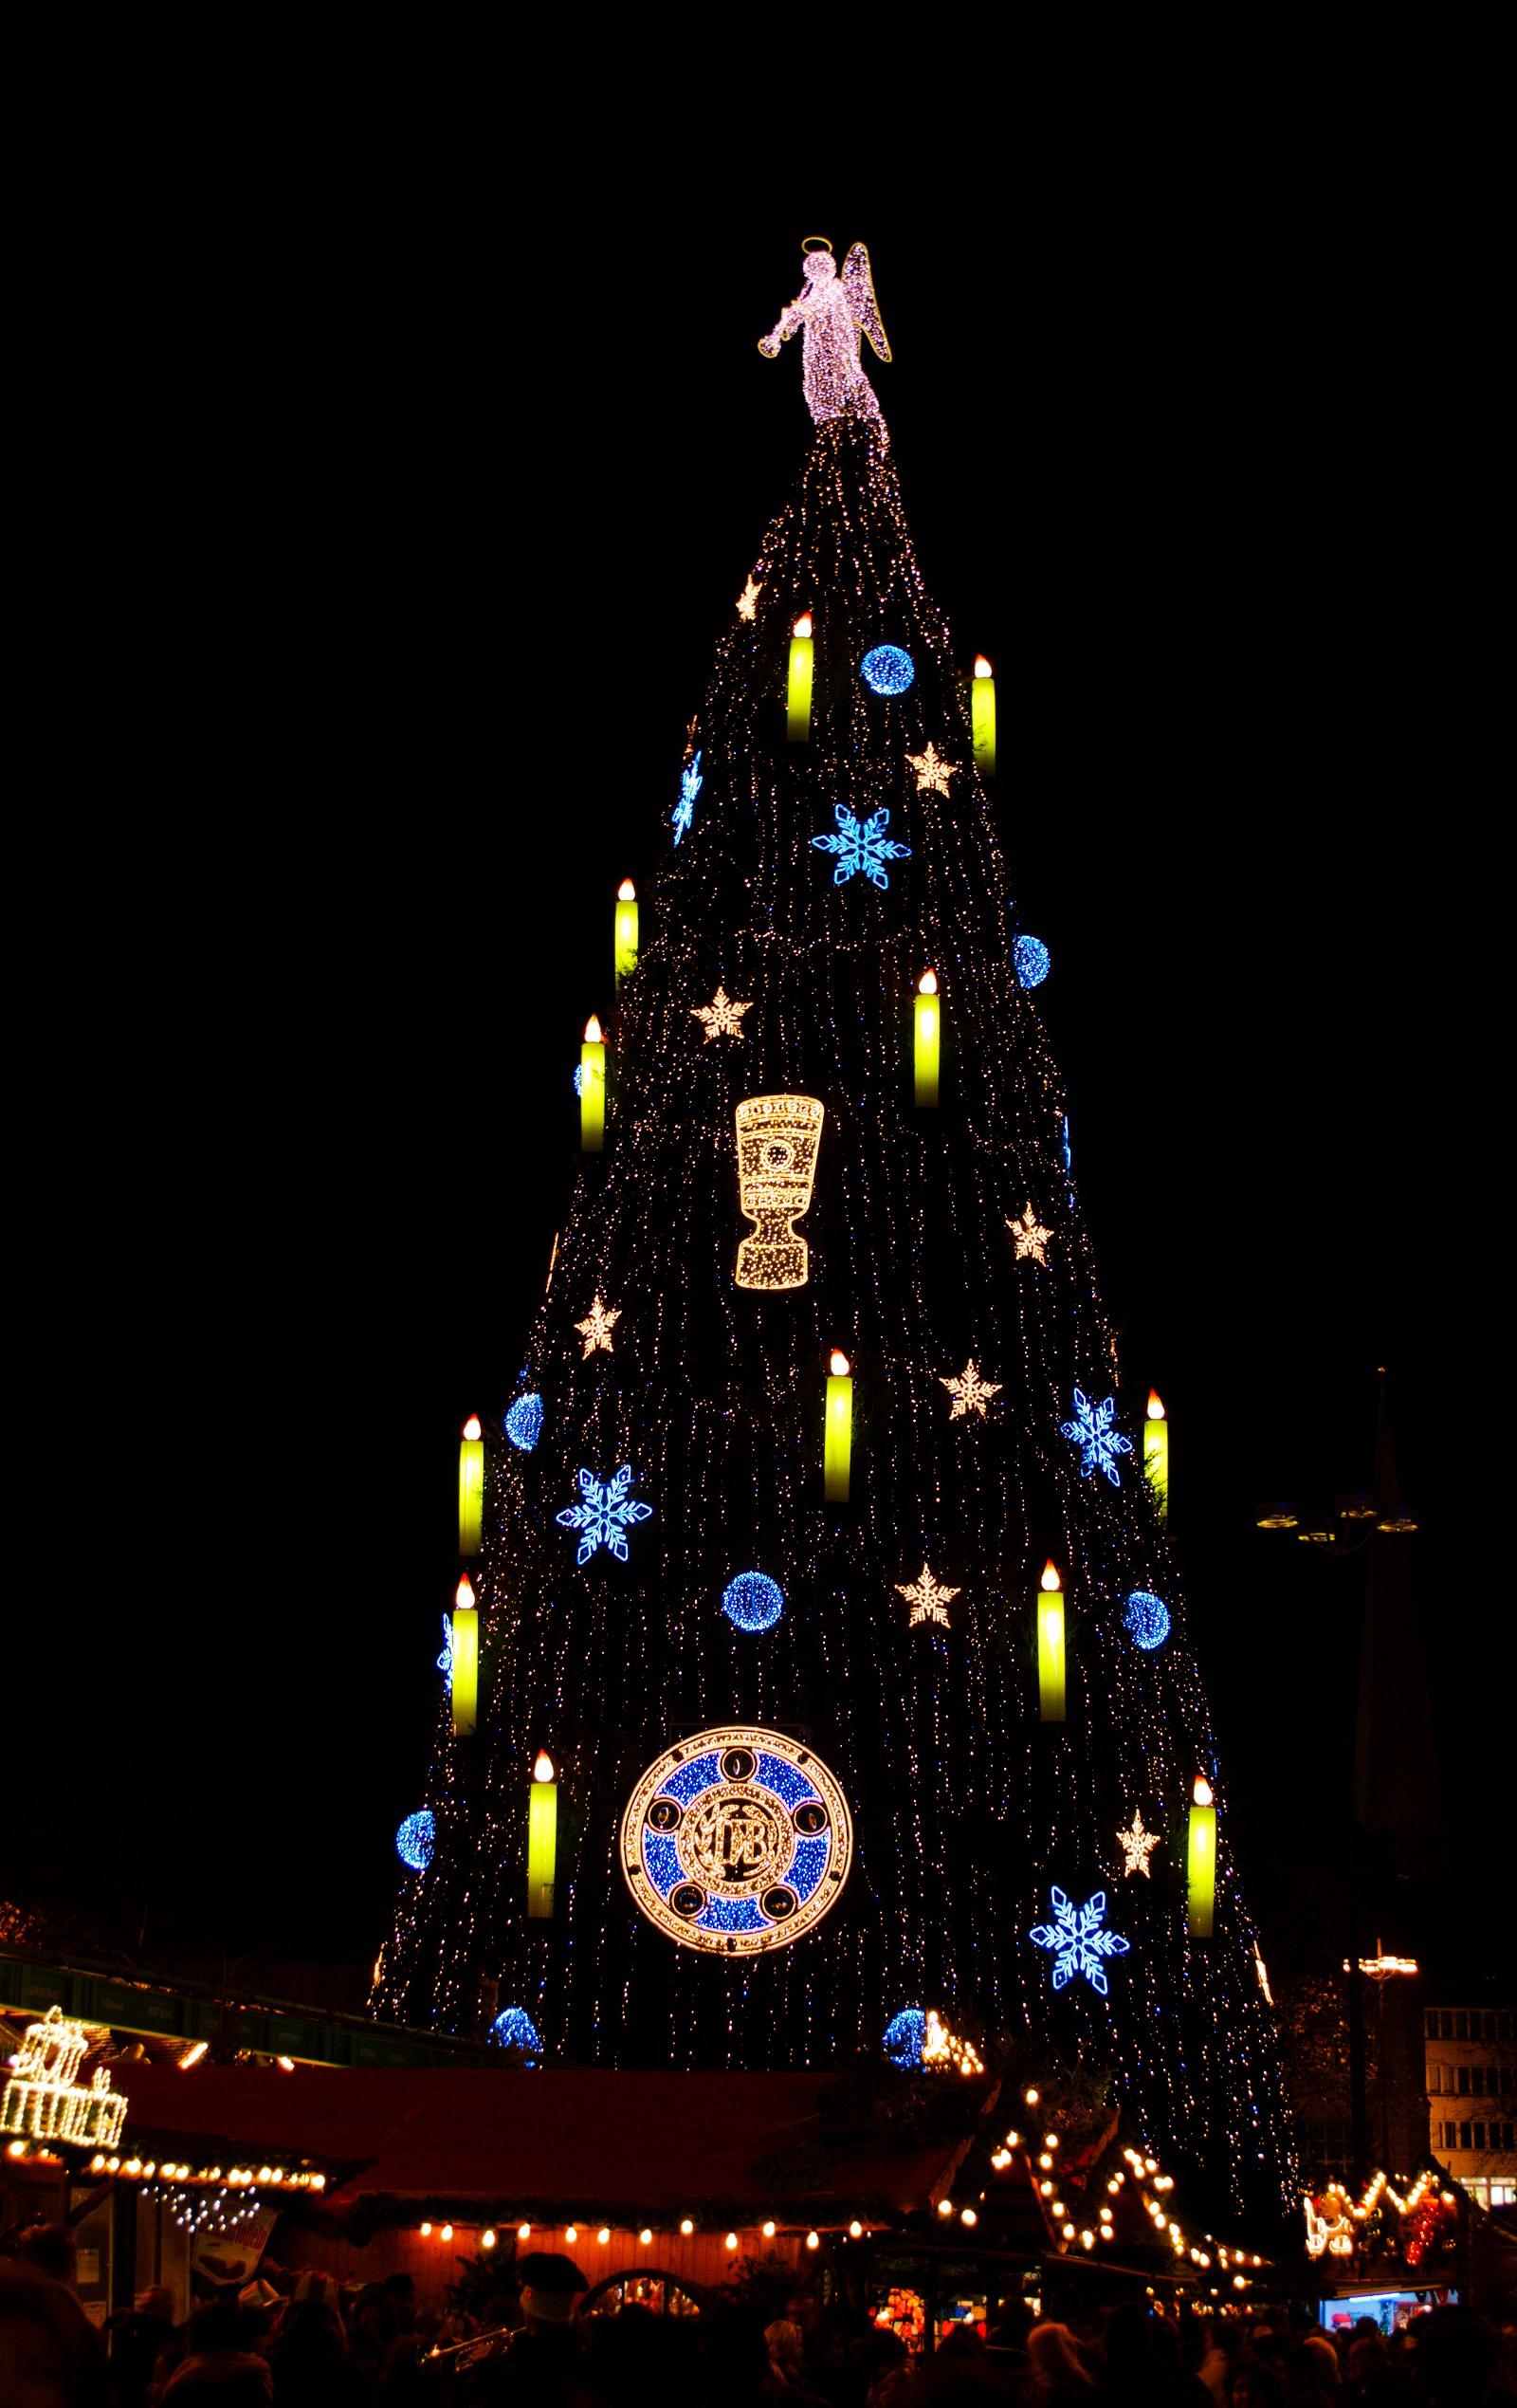 Weihnachtsbaum geschmückt mit Meisterschale und DFB-Pokal auf dem Dortmunder Weihnachtsmarkt 2012